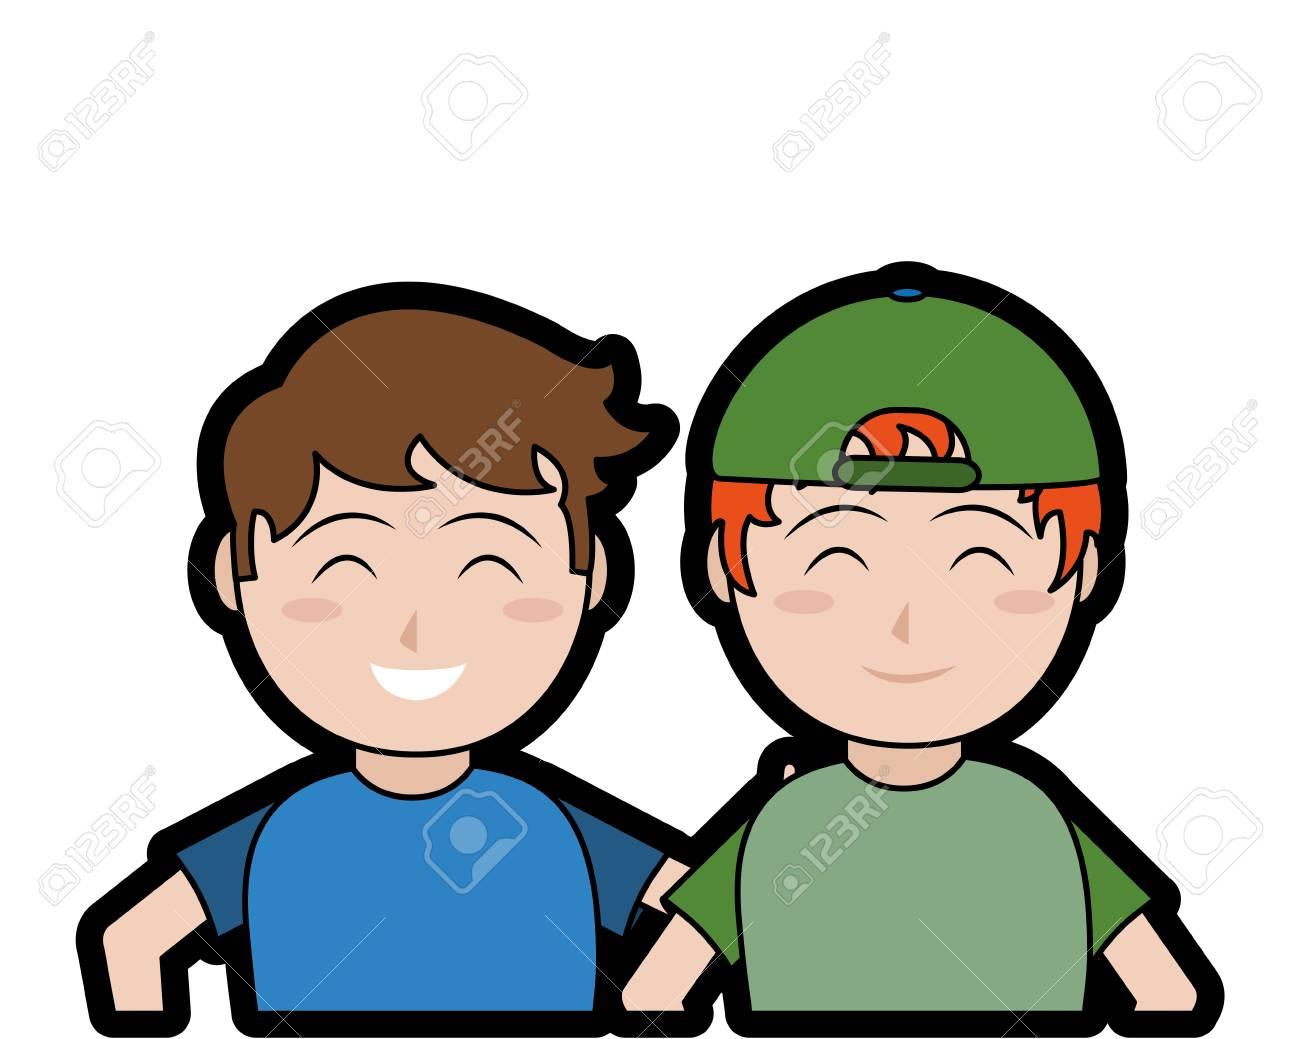 Dibujos Animados Para Niños De La Infancia Infantil Y El Tema De Personas Pequeñas Diseño Aislado Ilustración Vectorial Ilustraciones Vectoriales Clip Art Vectorizado Libre De Derechos Image 92287589